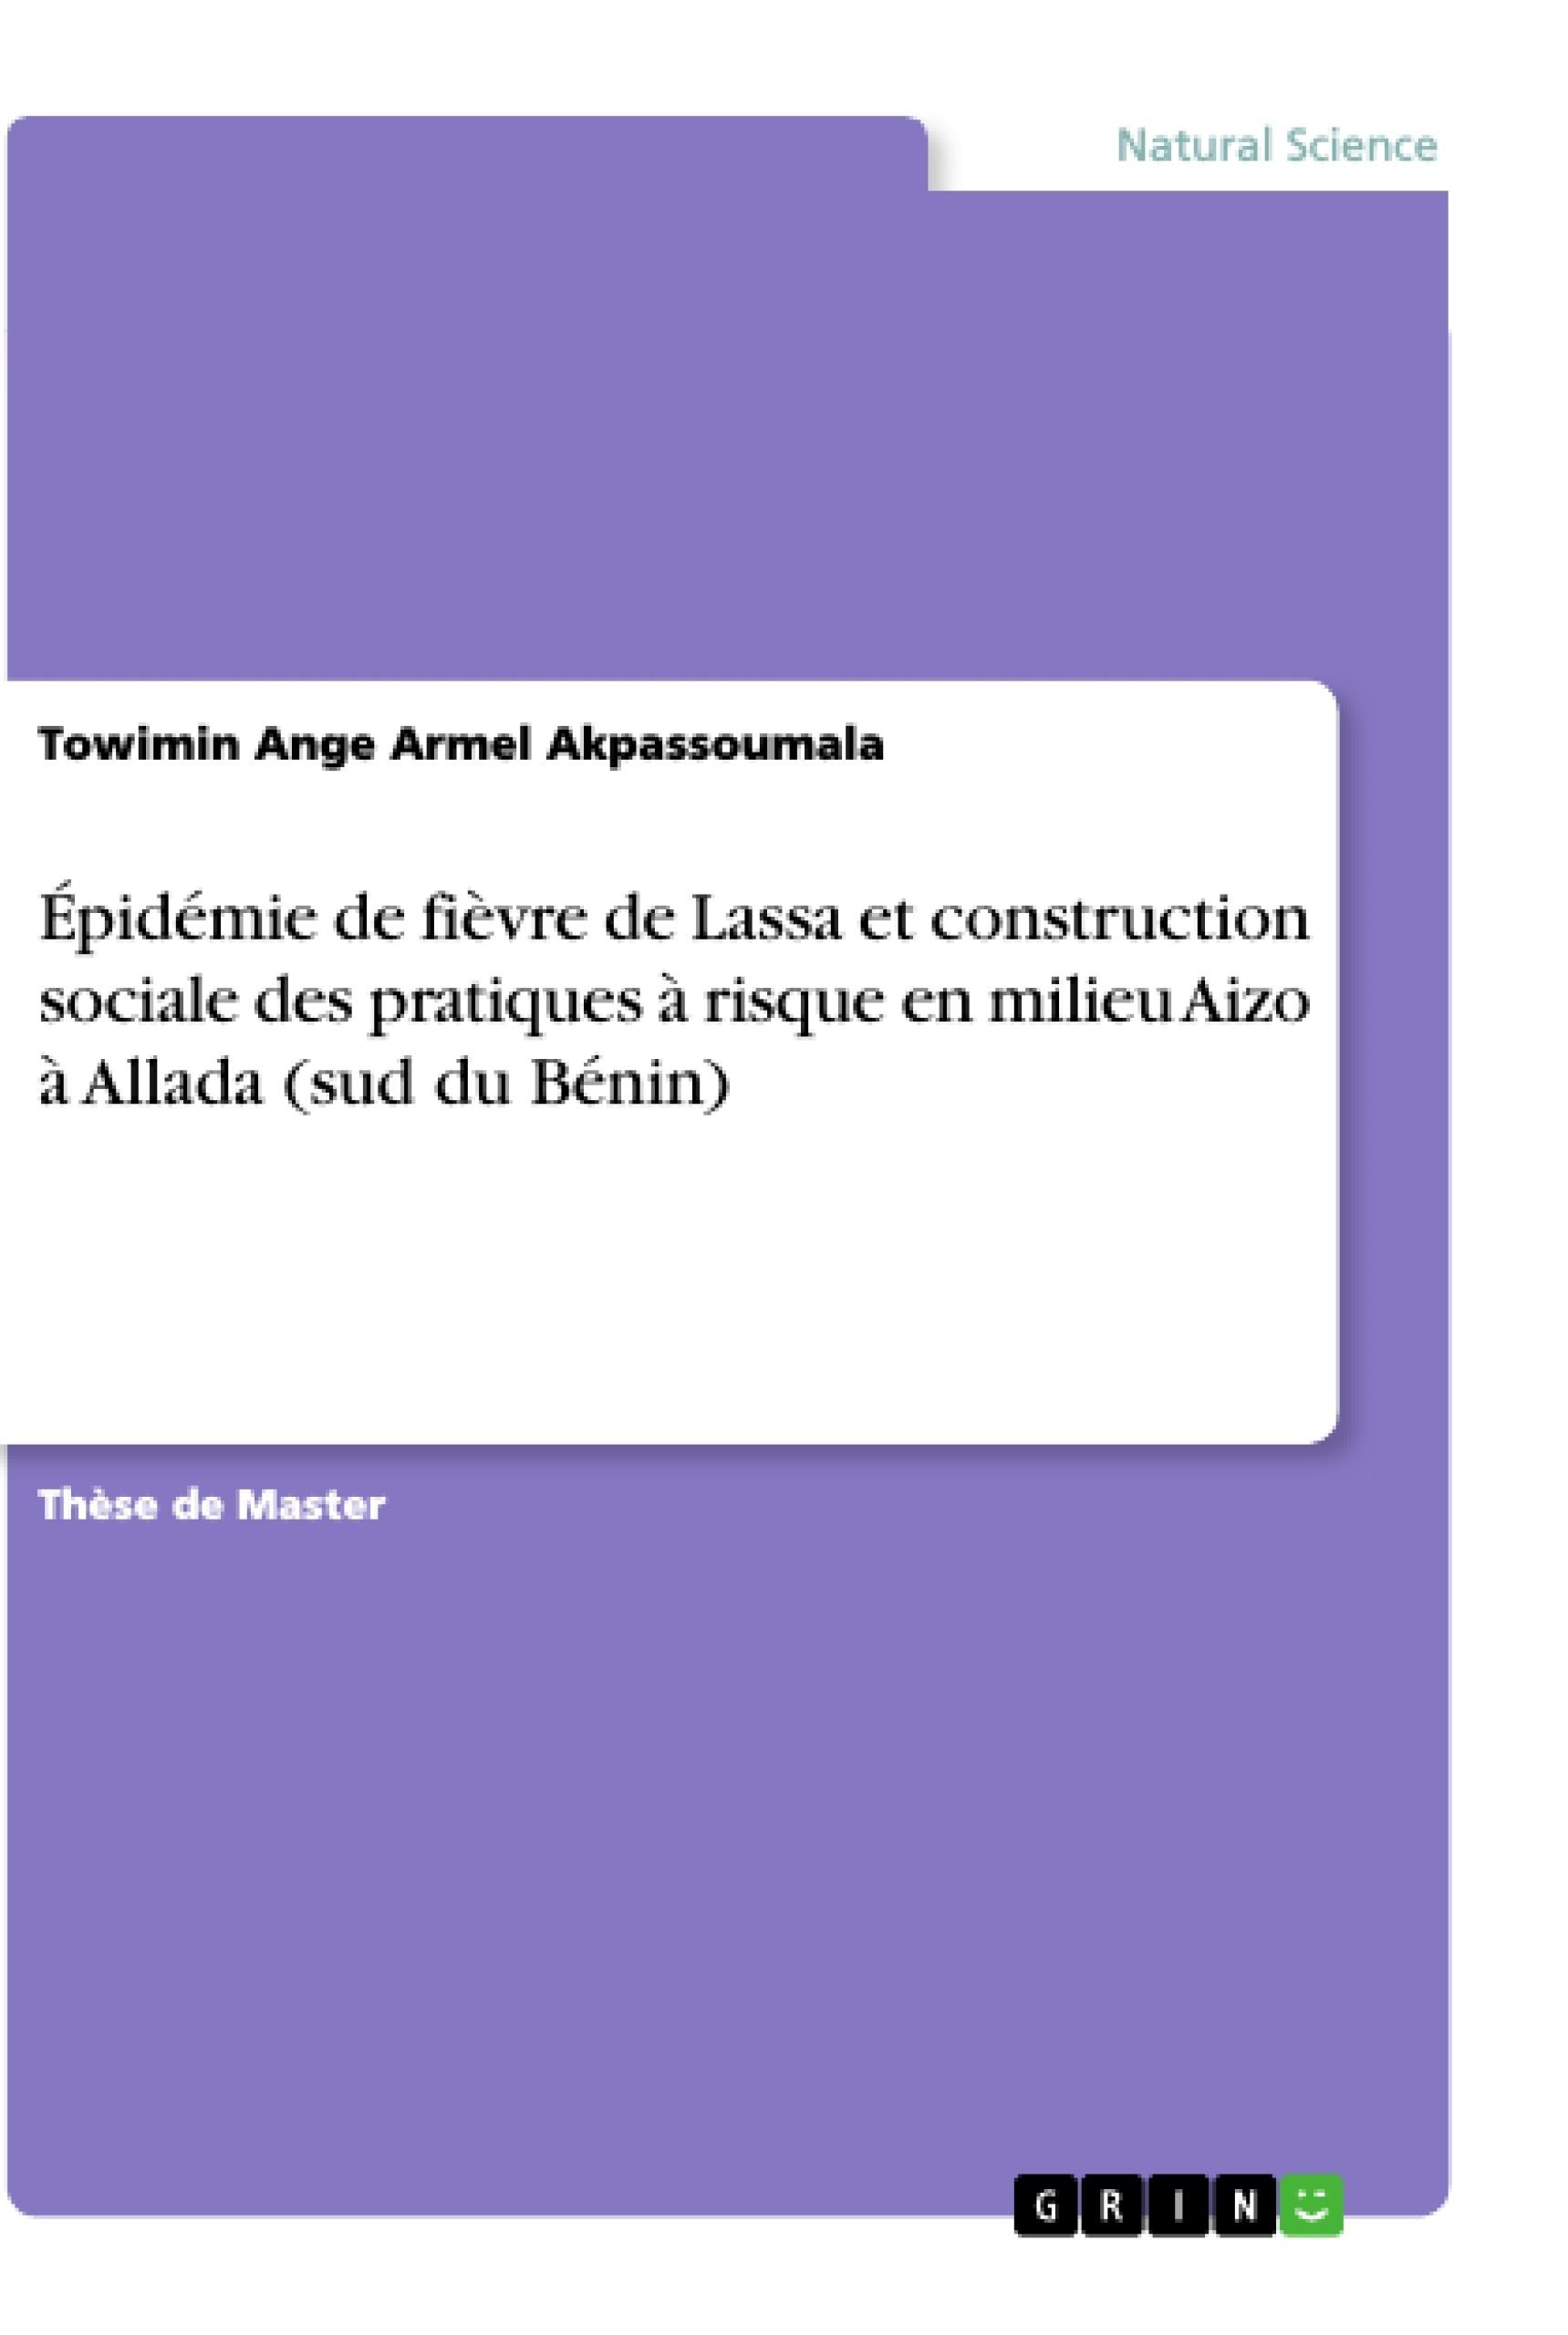 Titre: Épidémie de fièvre de Lassa et construction sociale des pratiques à risque en milieu Aizo à Allada (sud du Bénin)